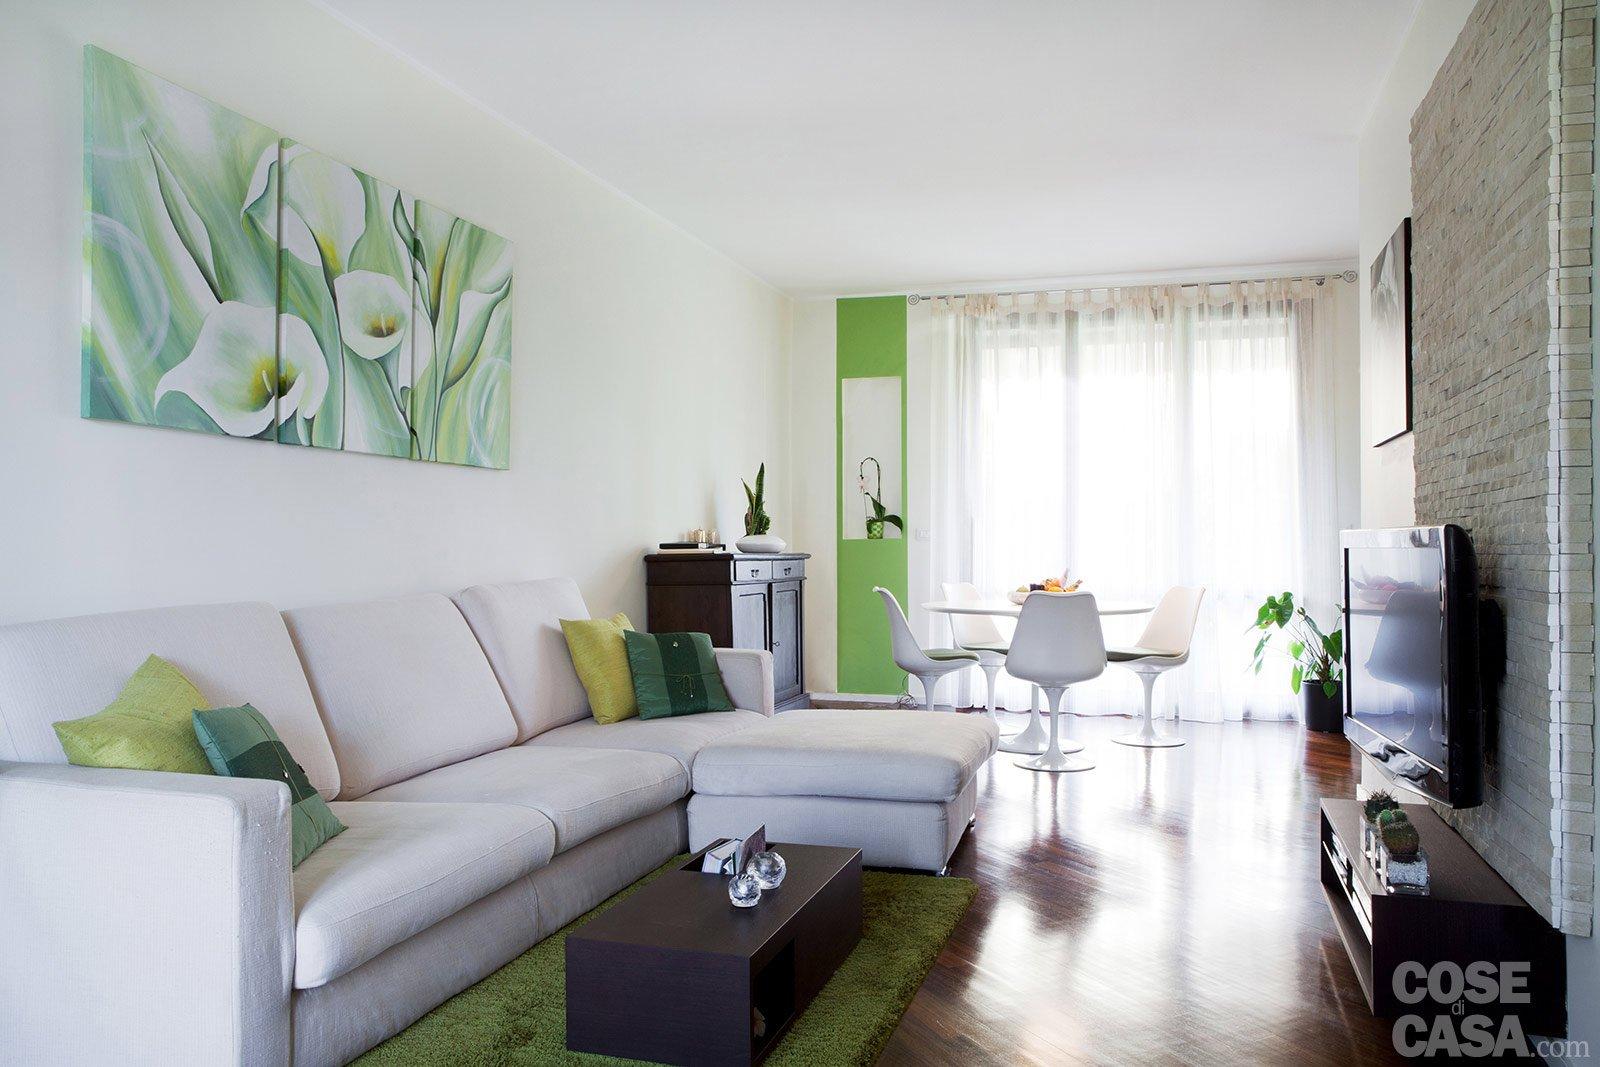 Casa: Più Vivibile Dopo La Ristrutturazione Cose Di Casa #728247 1600 1067 Come Arredare Un Ambiente Unico Cucina Soggiorno